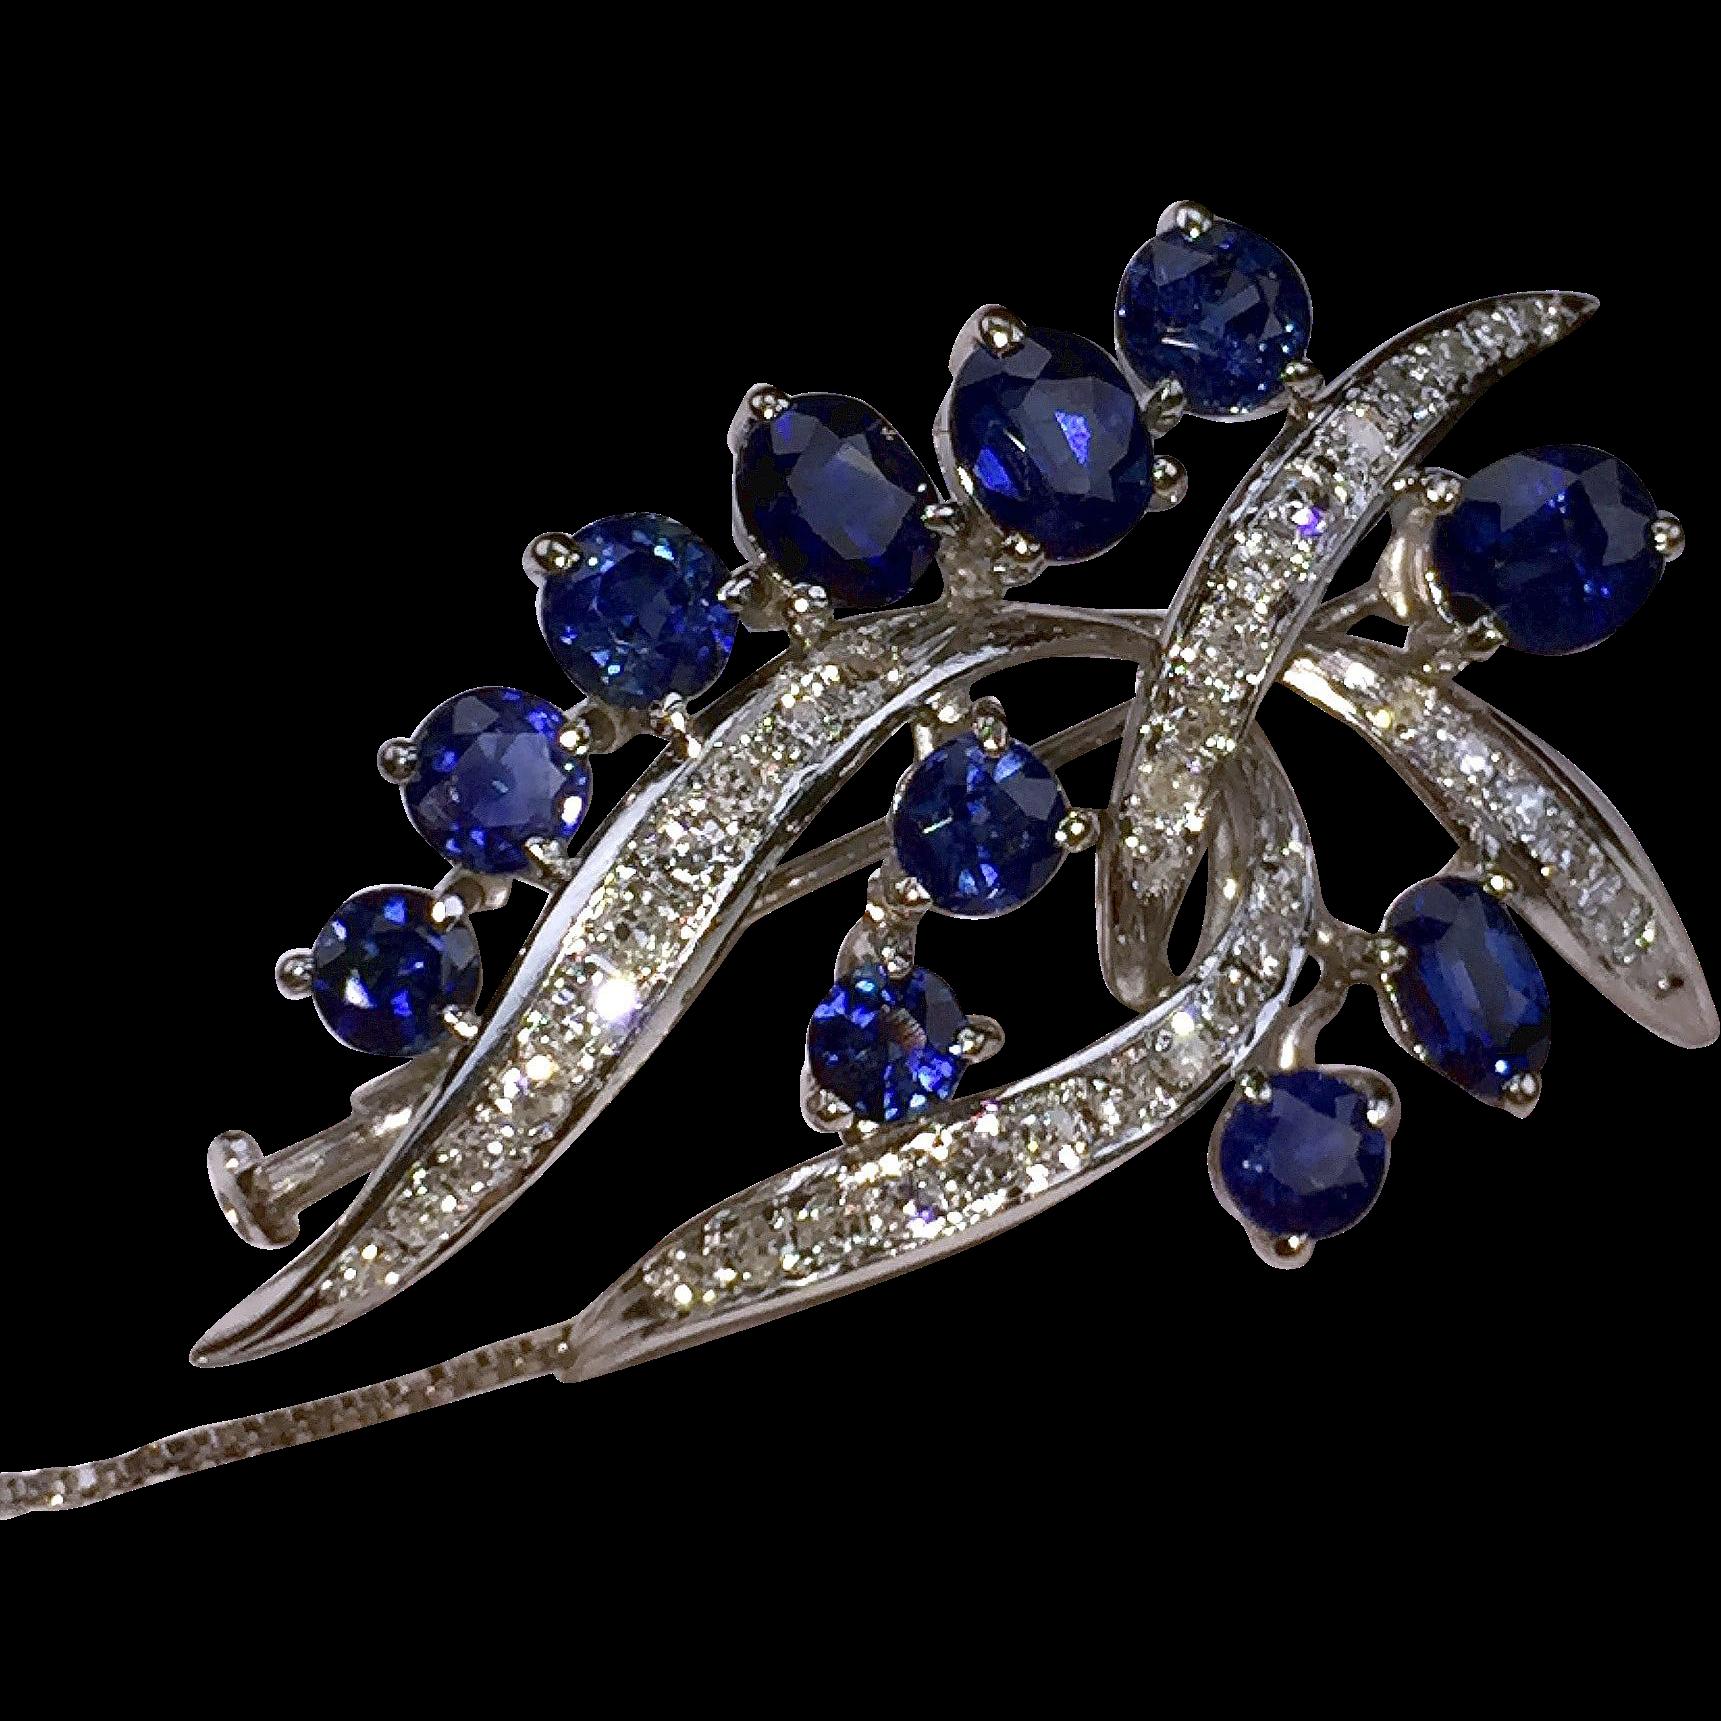 Glowing 14kt Vintage Sapphire & Diamond Brooch-Pendant & Earrings Set